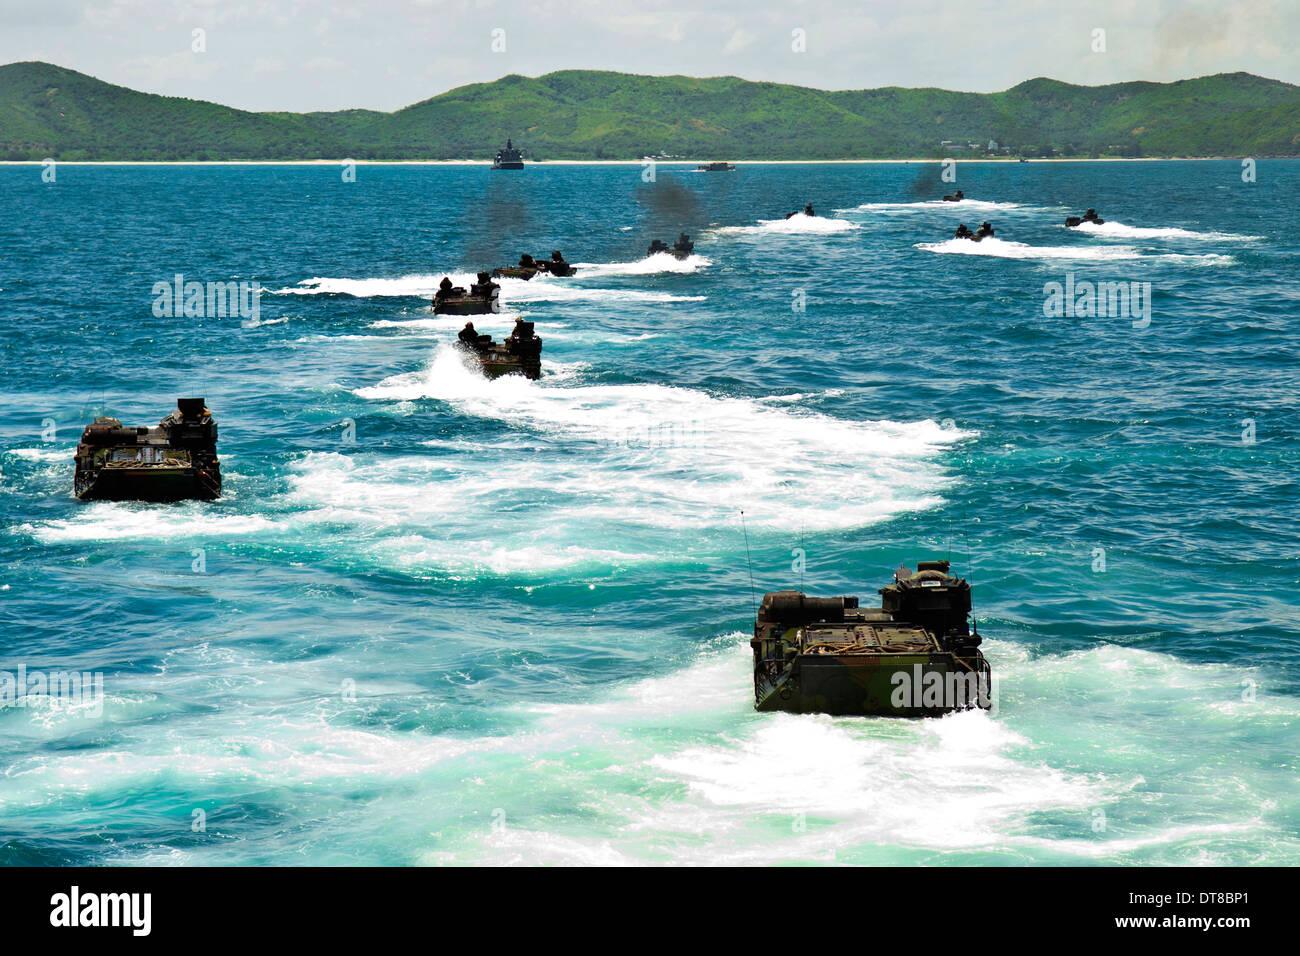 L'approche des véhicules d'assaut amphibie Hat Yao beach, Thaïlande. Photo Stock